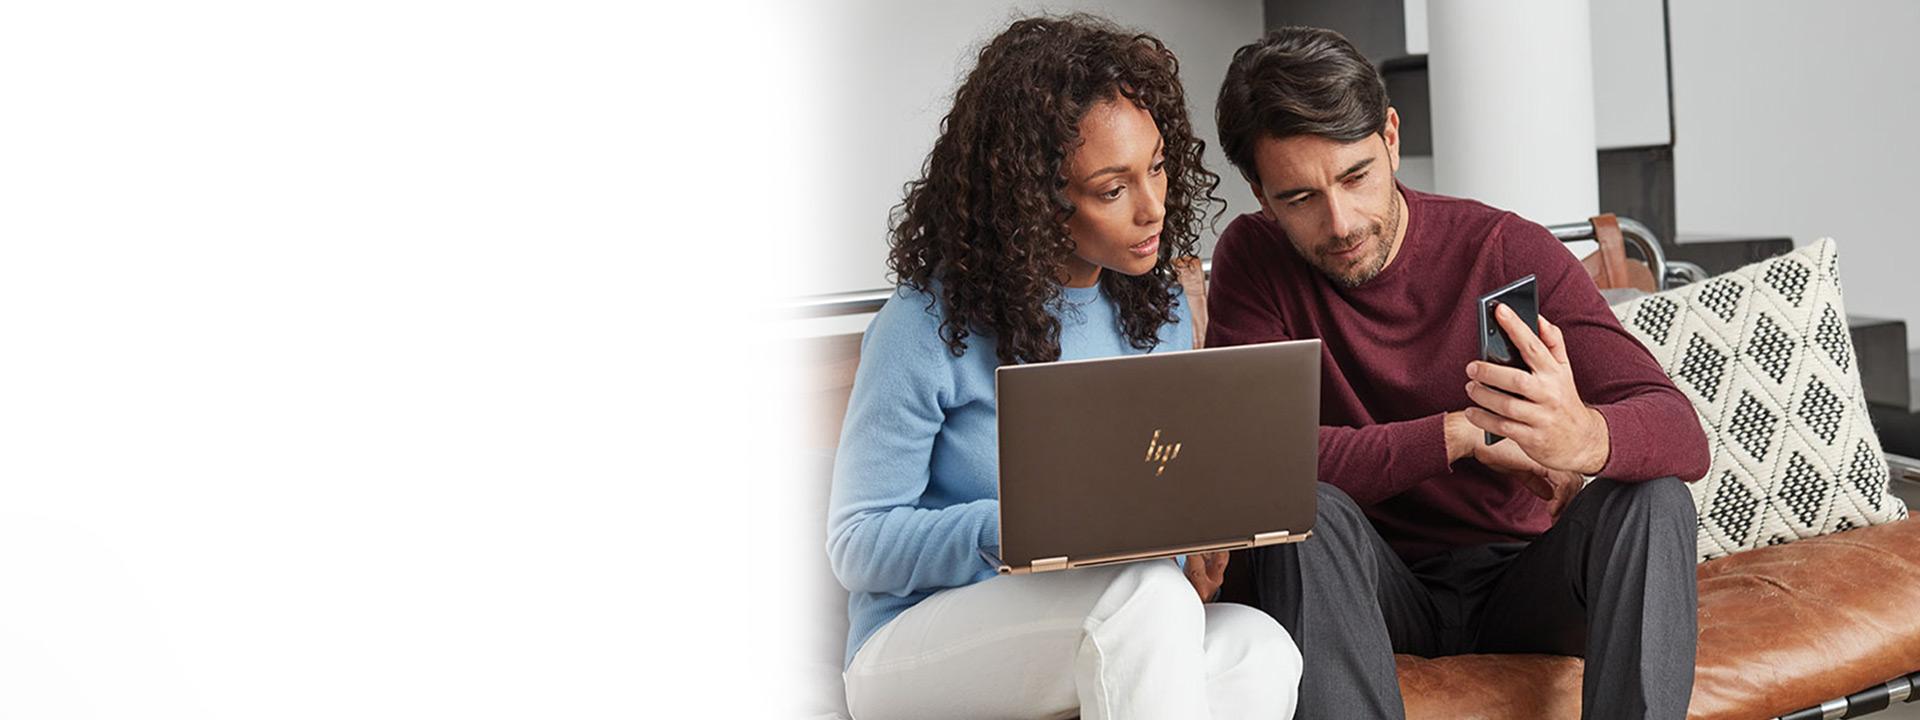 Eine Frau und ein Mann sitzen zusammen auf der Couch und betrachten einen Windows 10-Laptop und ein Mobilgerät